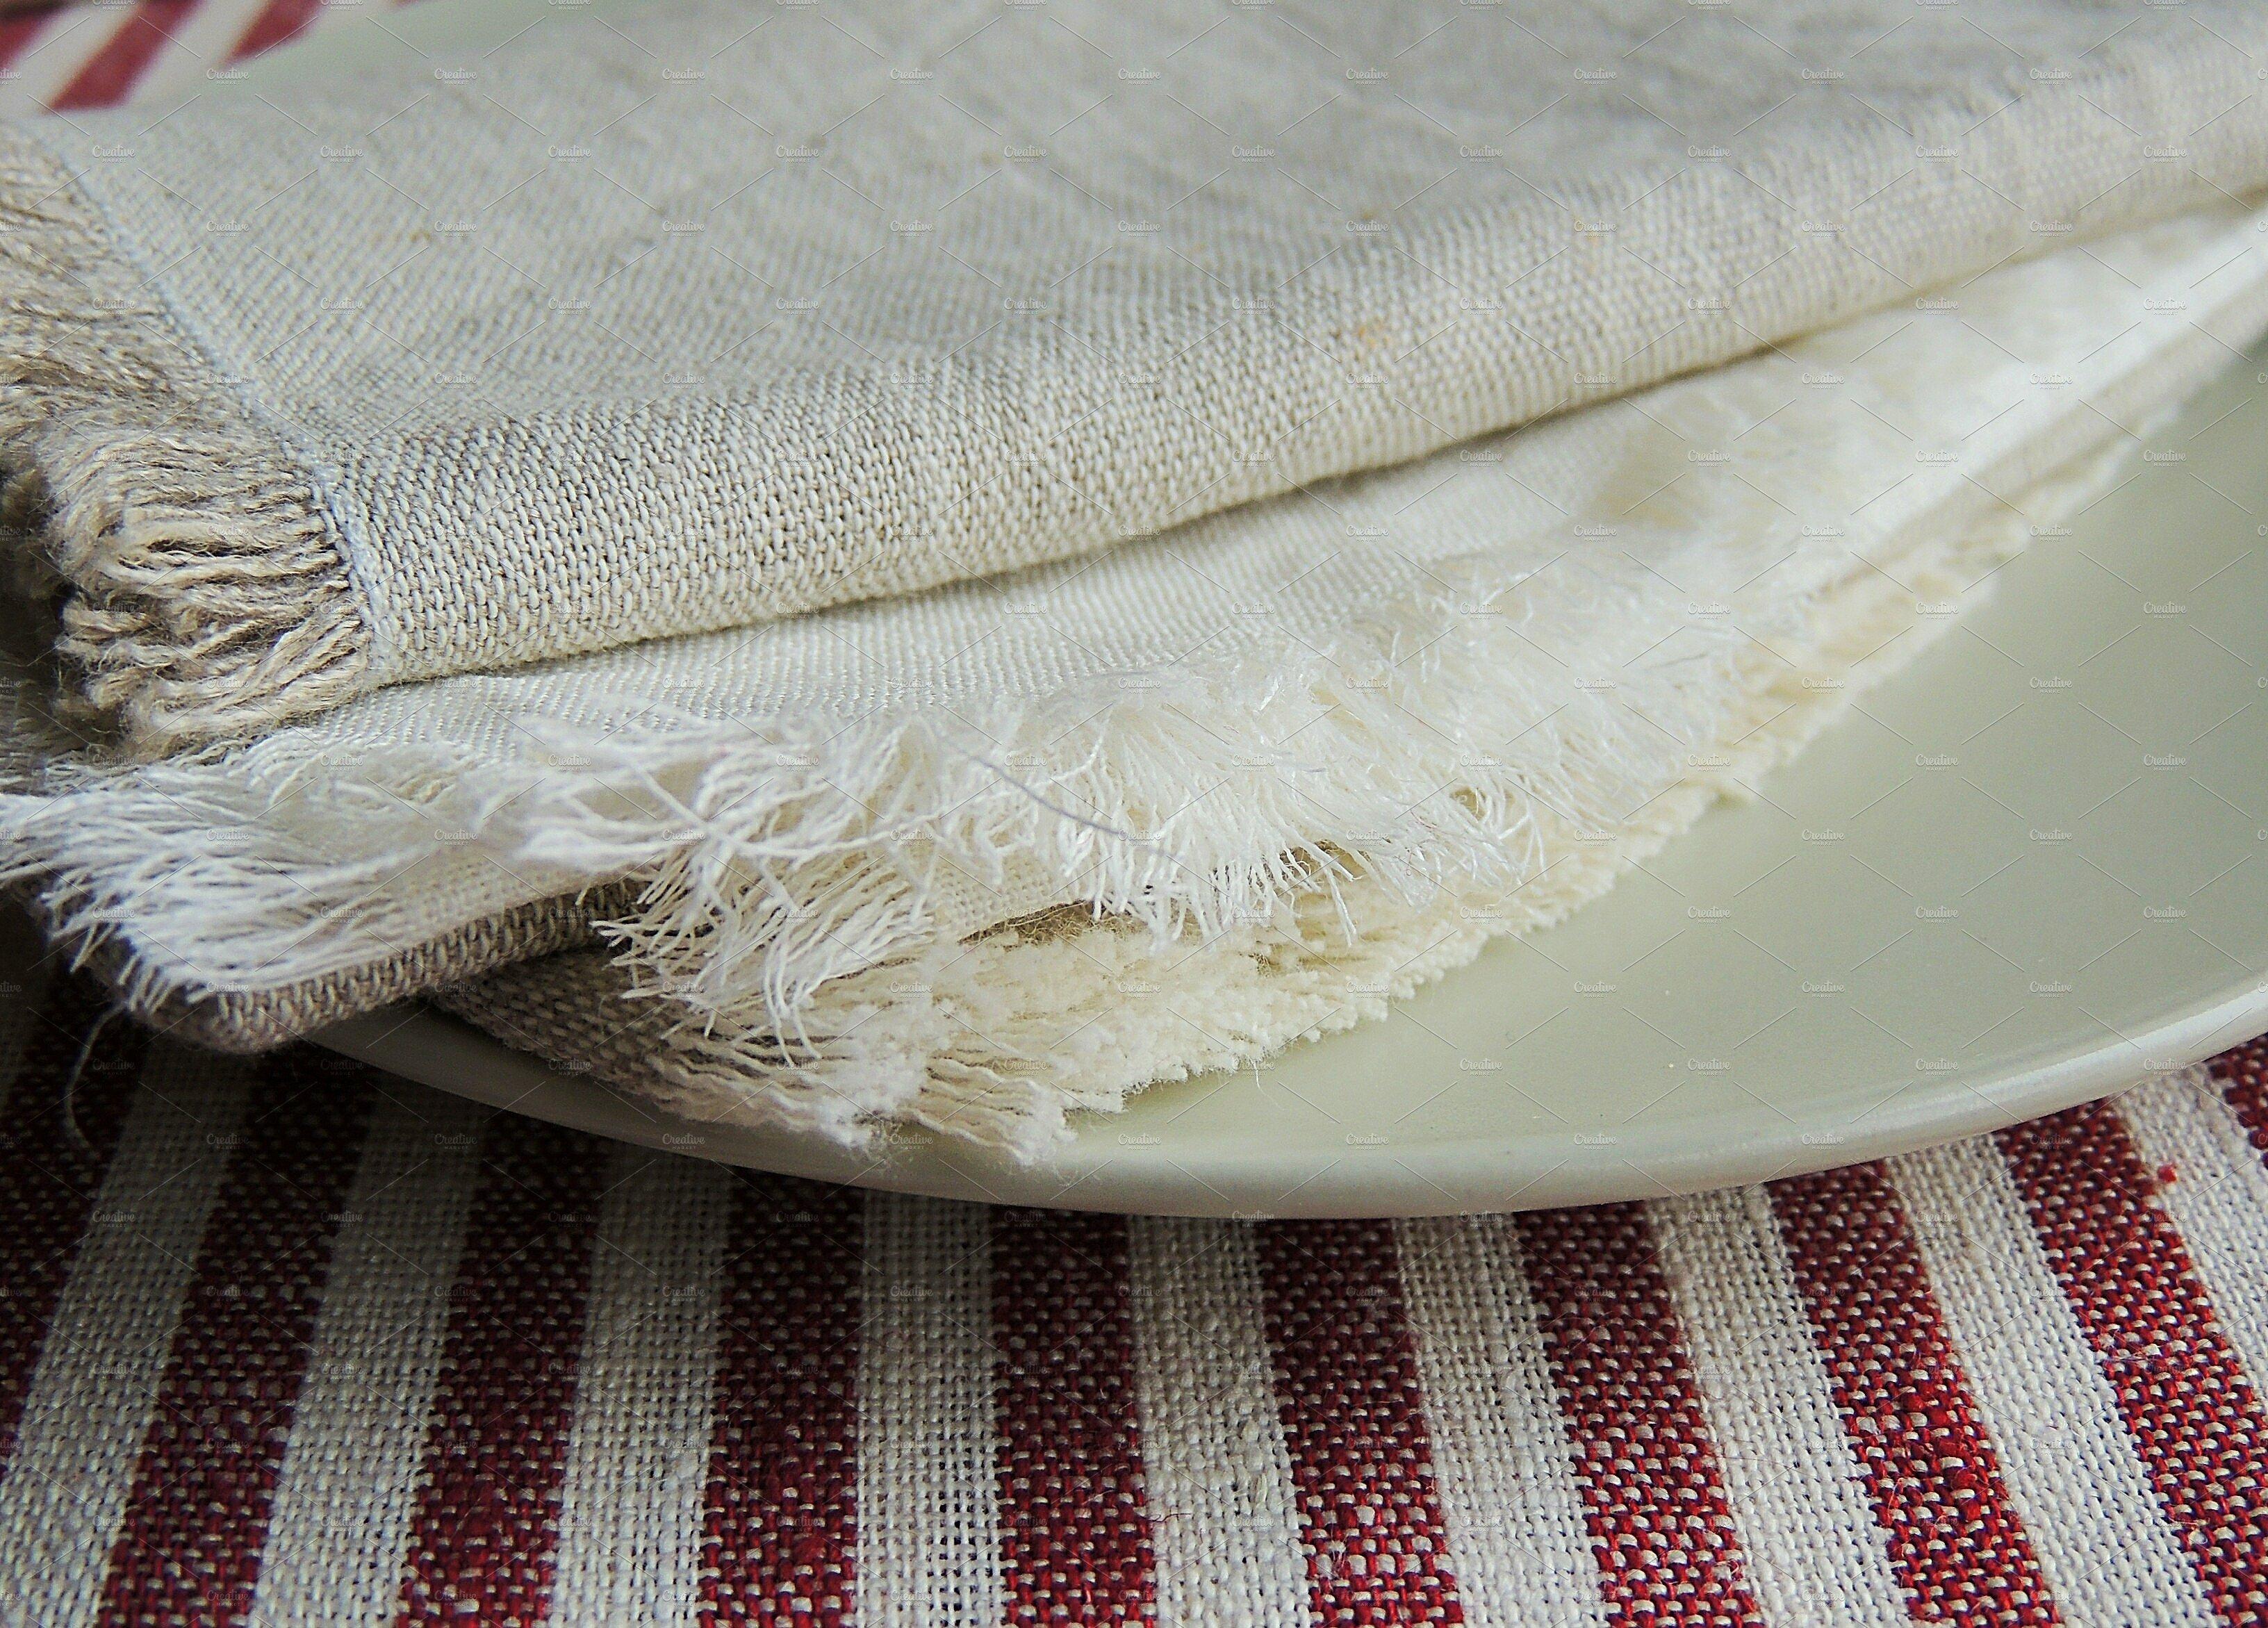 天然亚麻织物束高清图片插图(13)